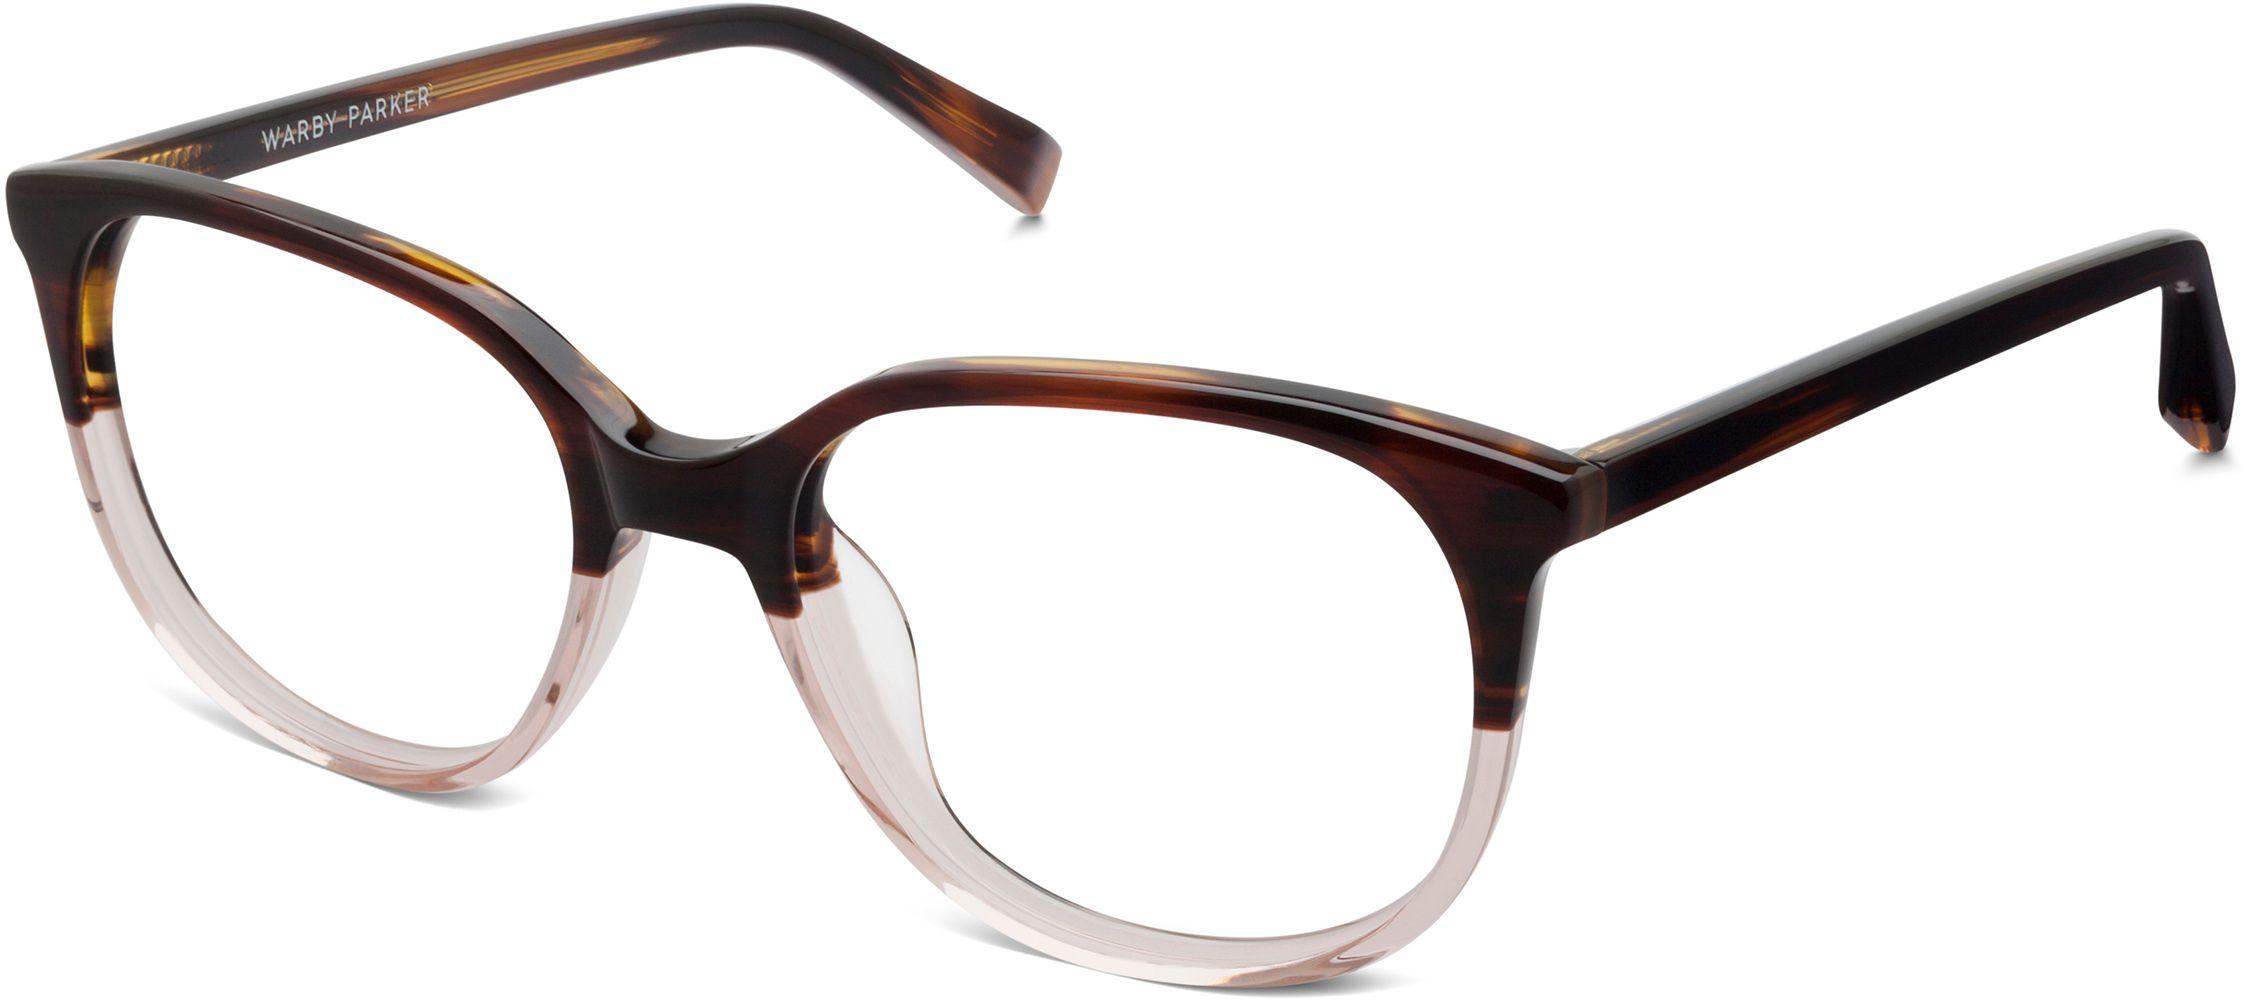 Laurel Eyeglasses in Tea Rose Fade for Women | Warby Parker